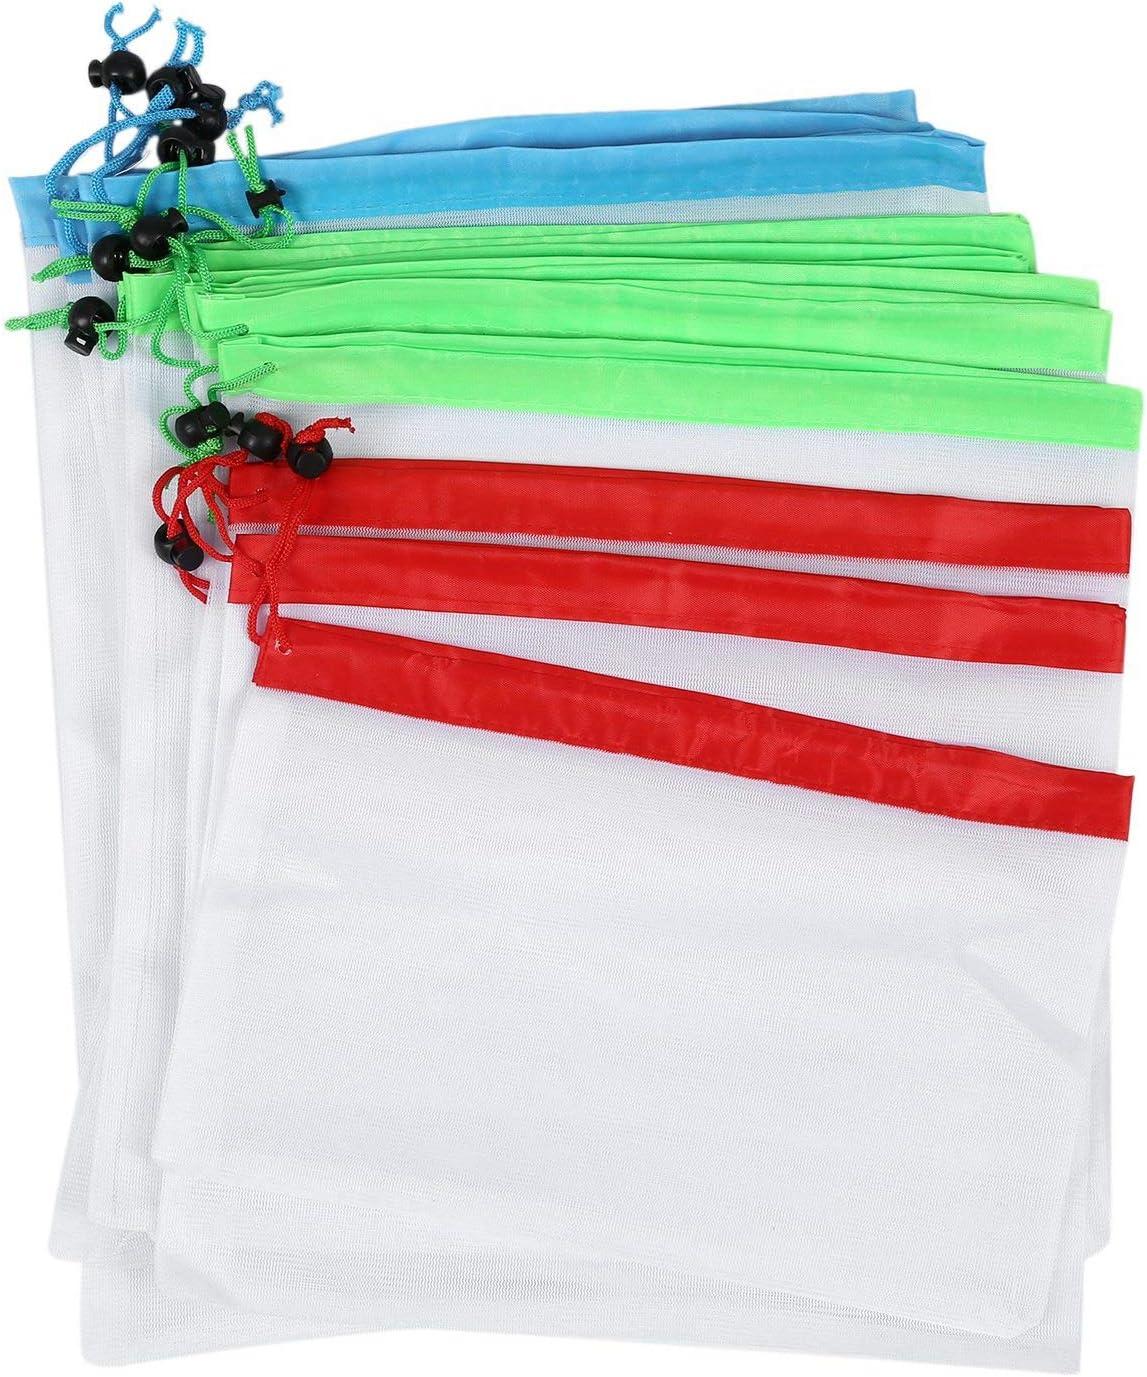 Cikuso 12 Piezas Reutilizable Bolsas de Productos de Malla Lavable Eco Bolsos Amistosos para El Almacenamiento de Compras de Comestibles Juguetes Frutas Verduras